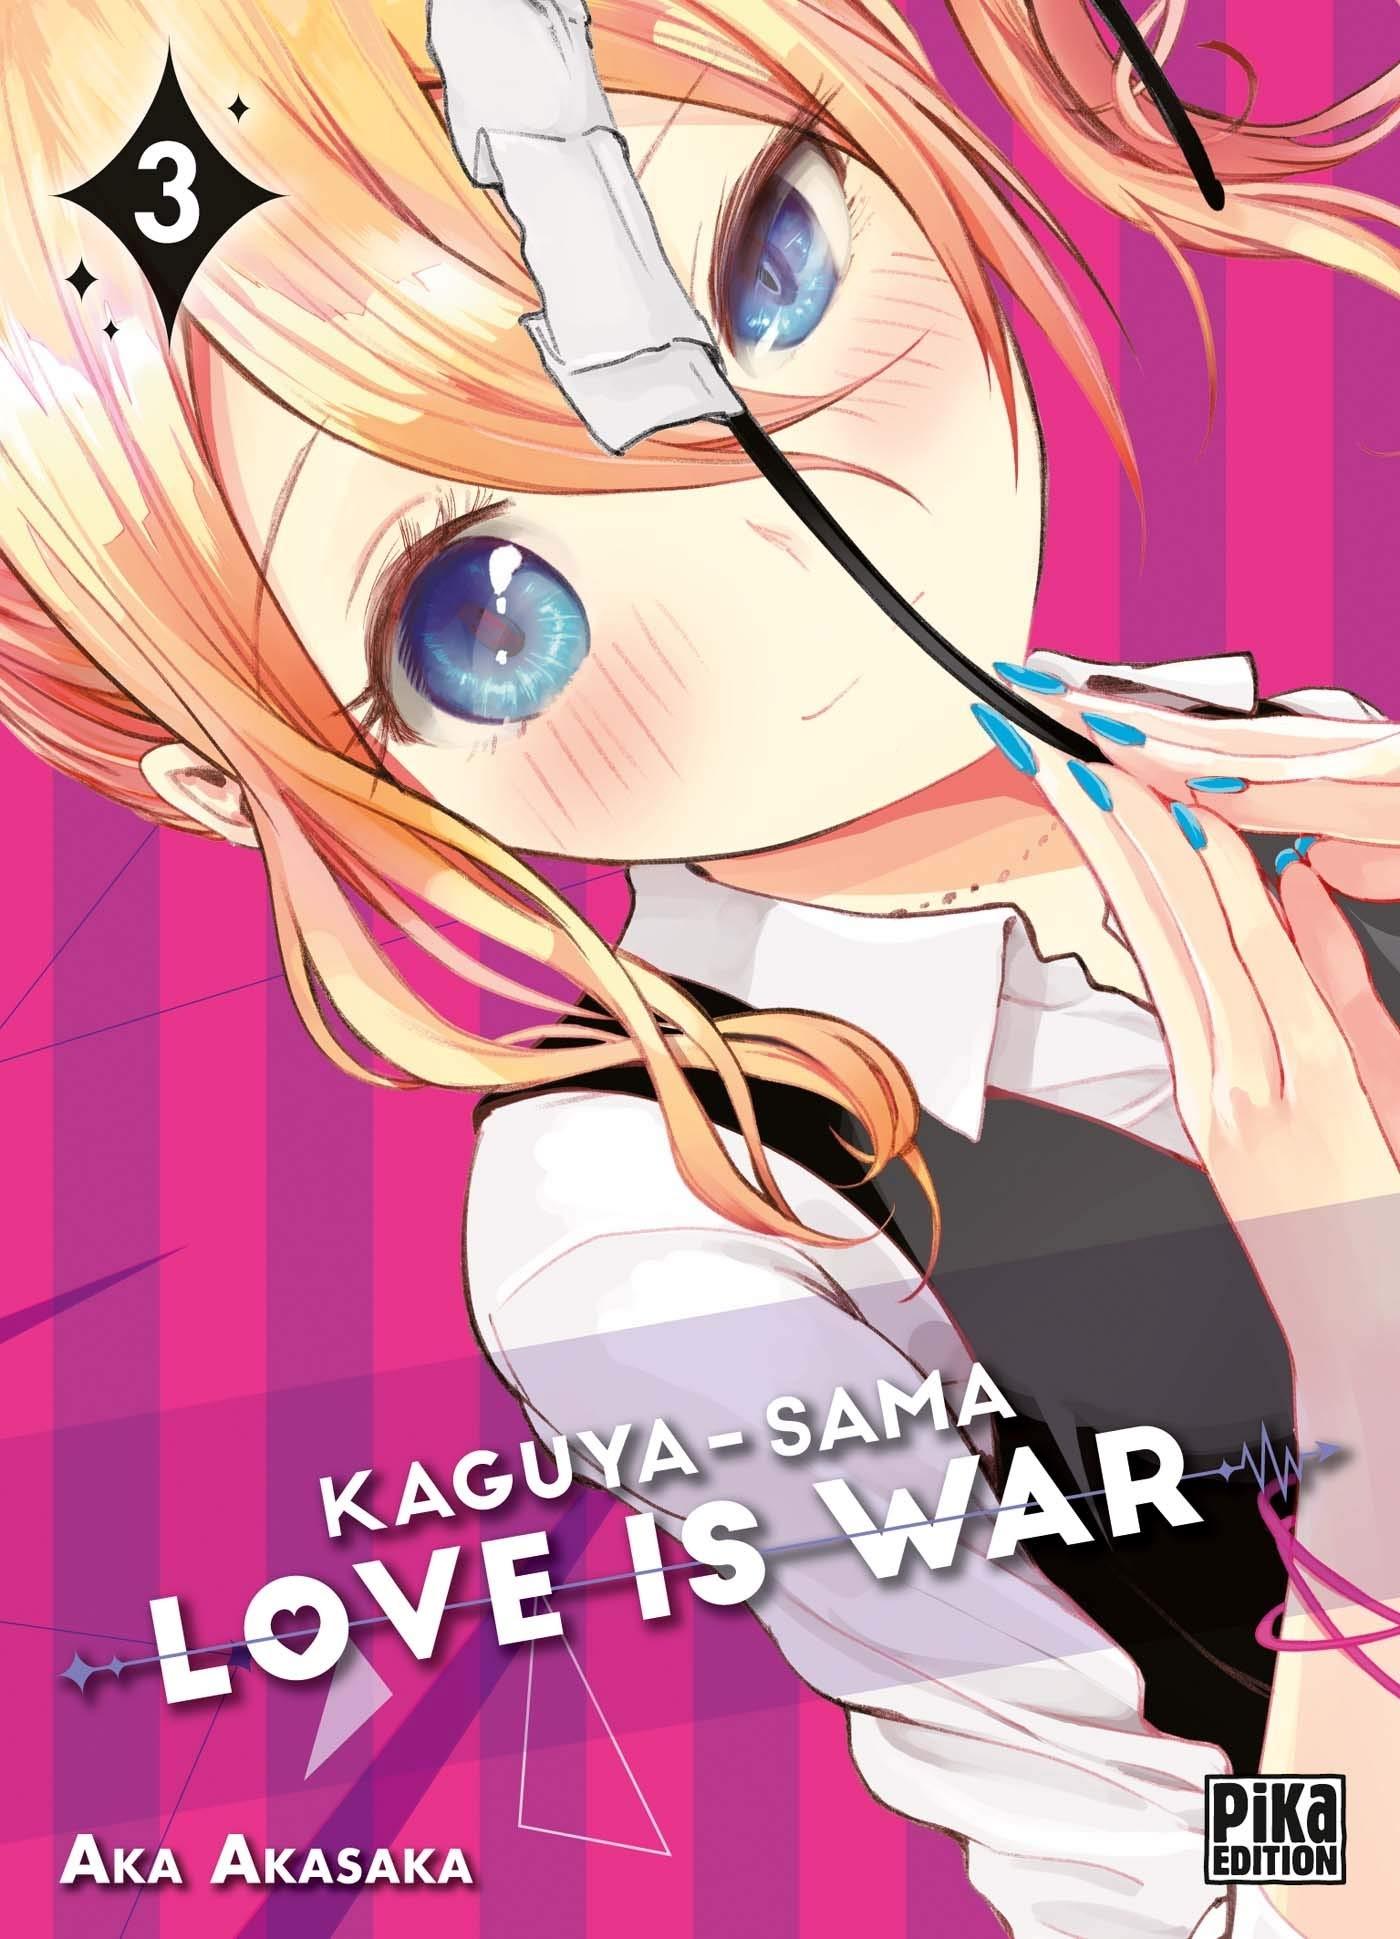 Kaguya-sama : Love Is War 3